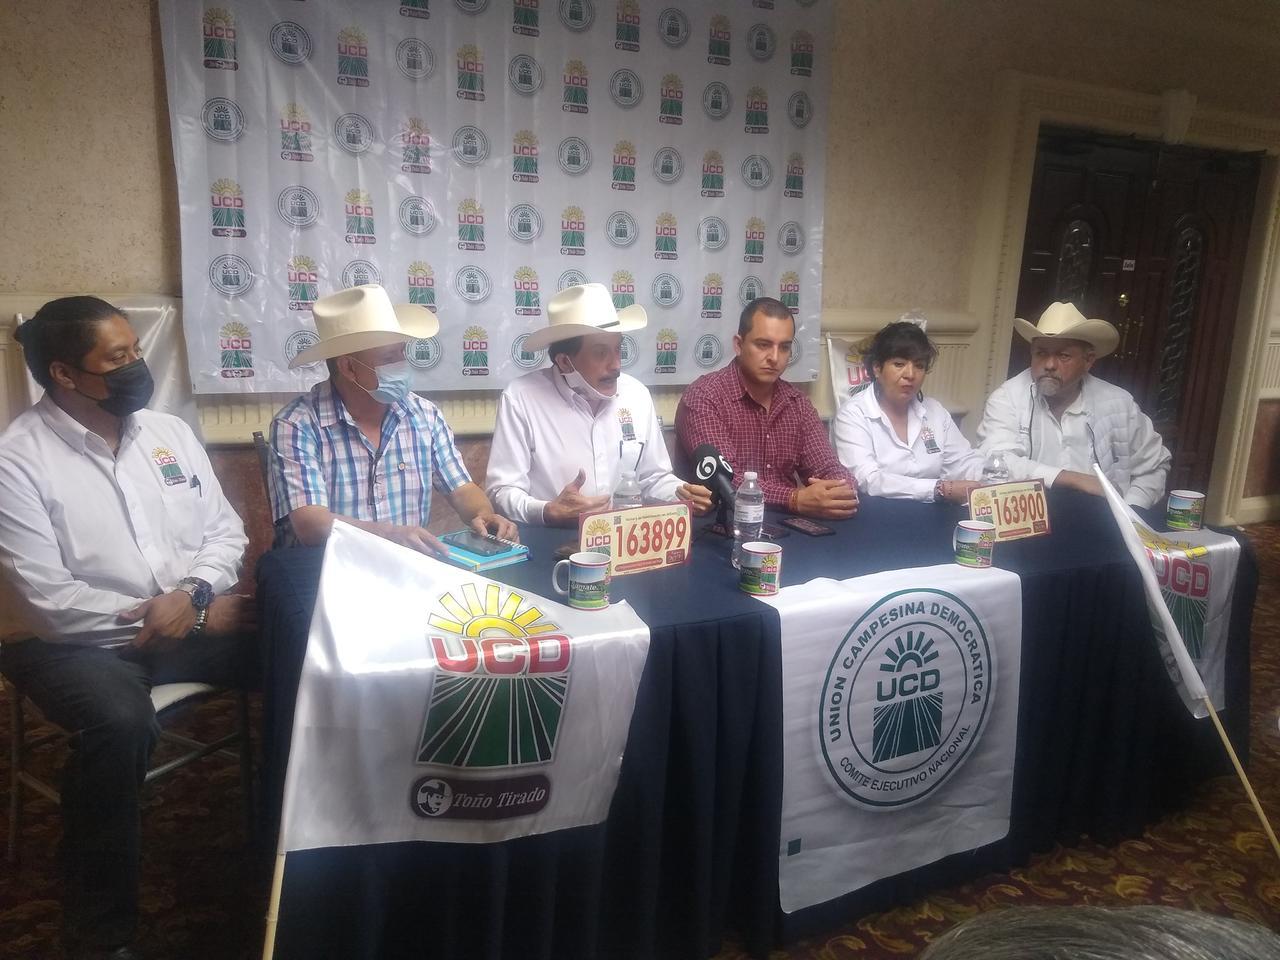 Buscan hacer un frente común entre las diversas organizaciones para la regularización de los vehículos de procedencia extranjera. (ARCHIVO)